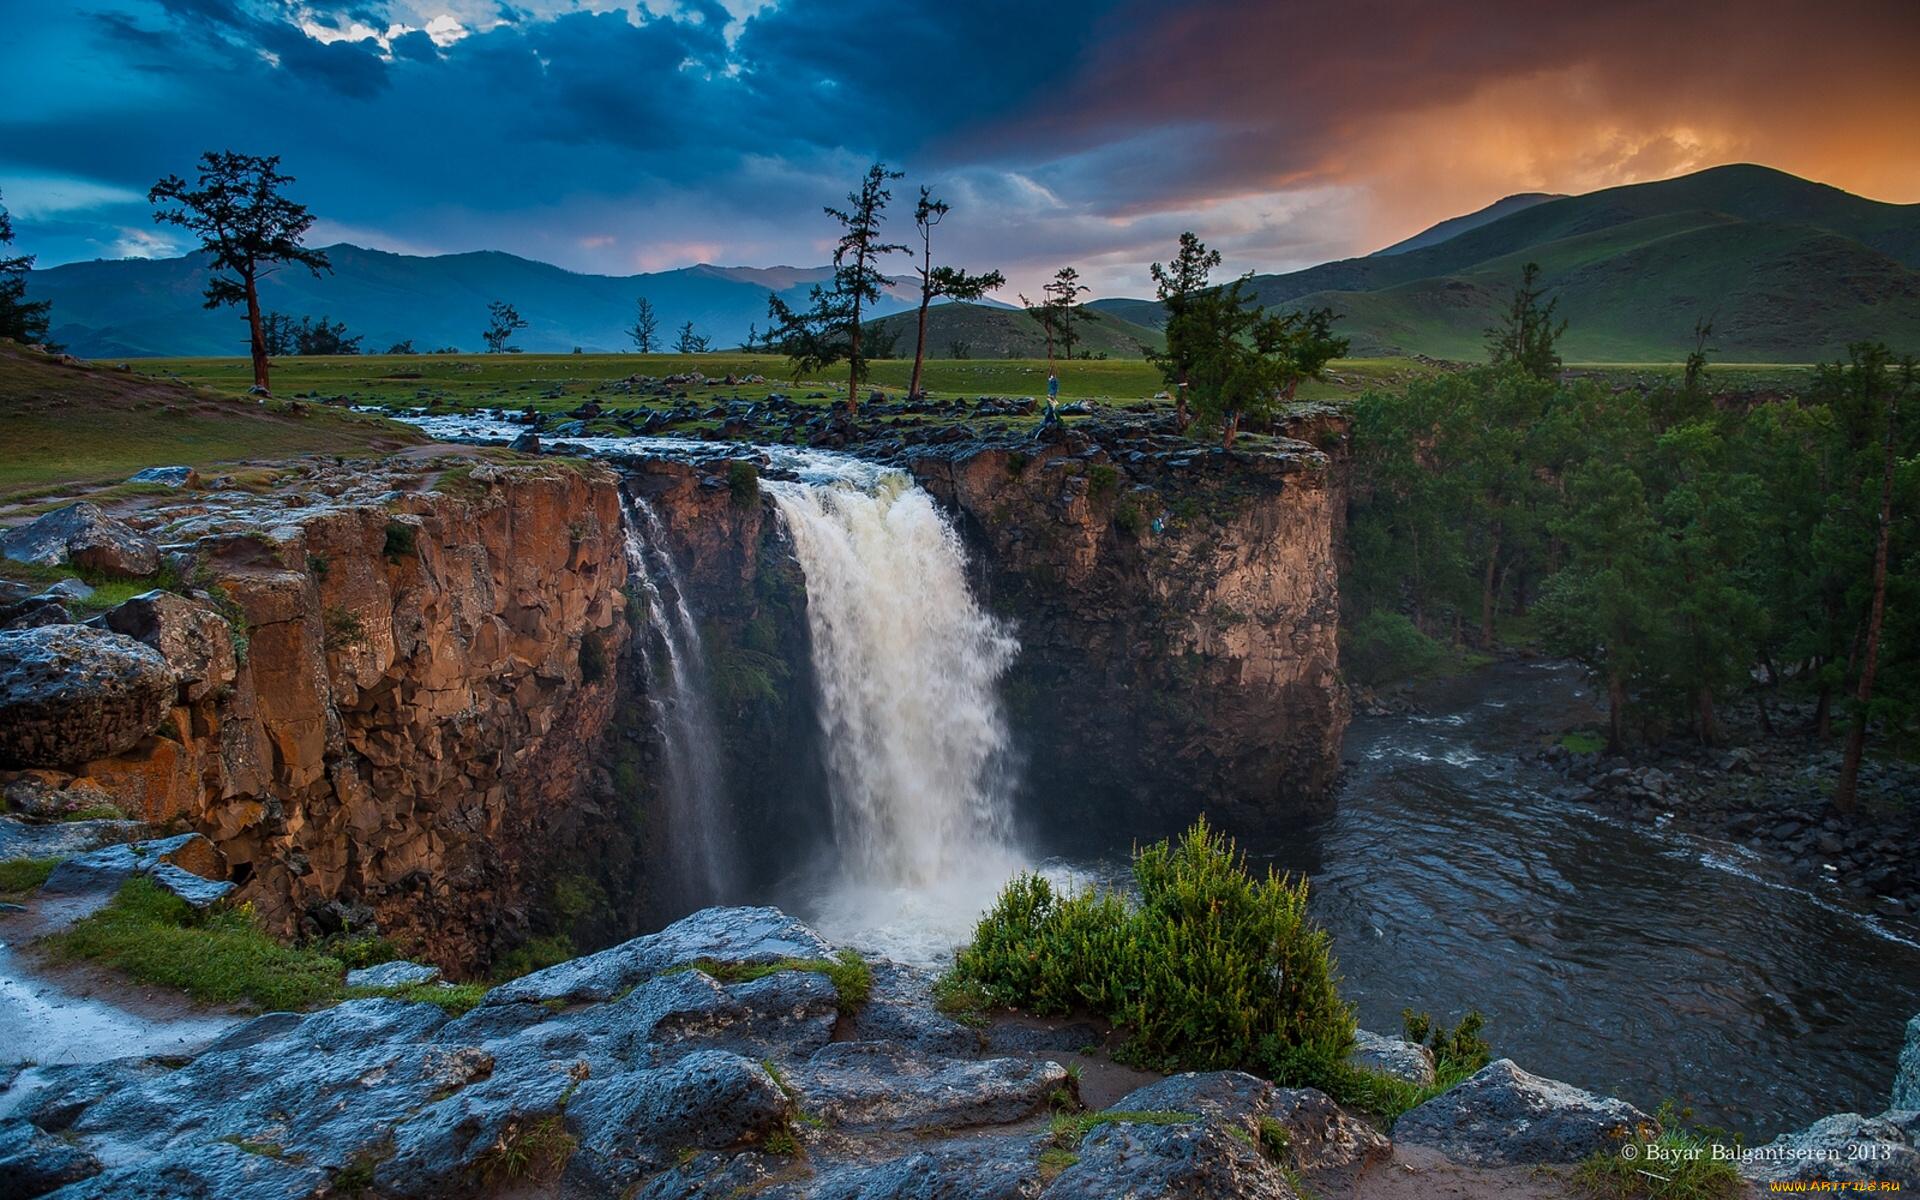 природа река деревья водопад небо облака загрузить